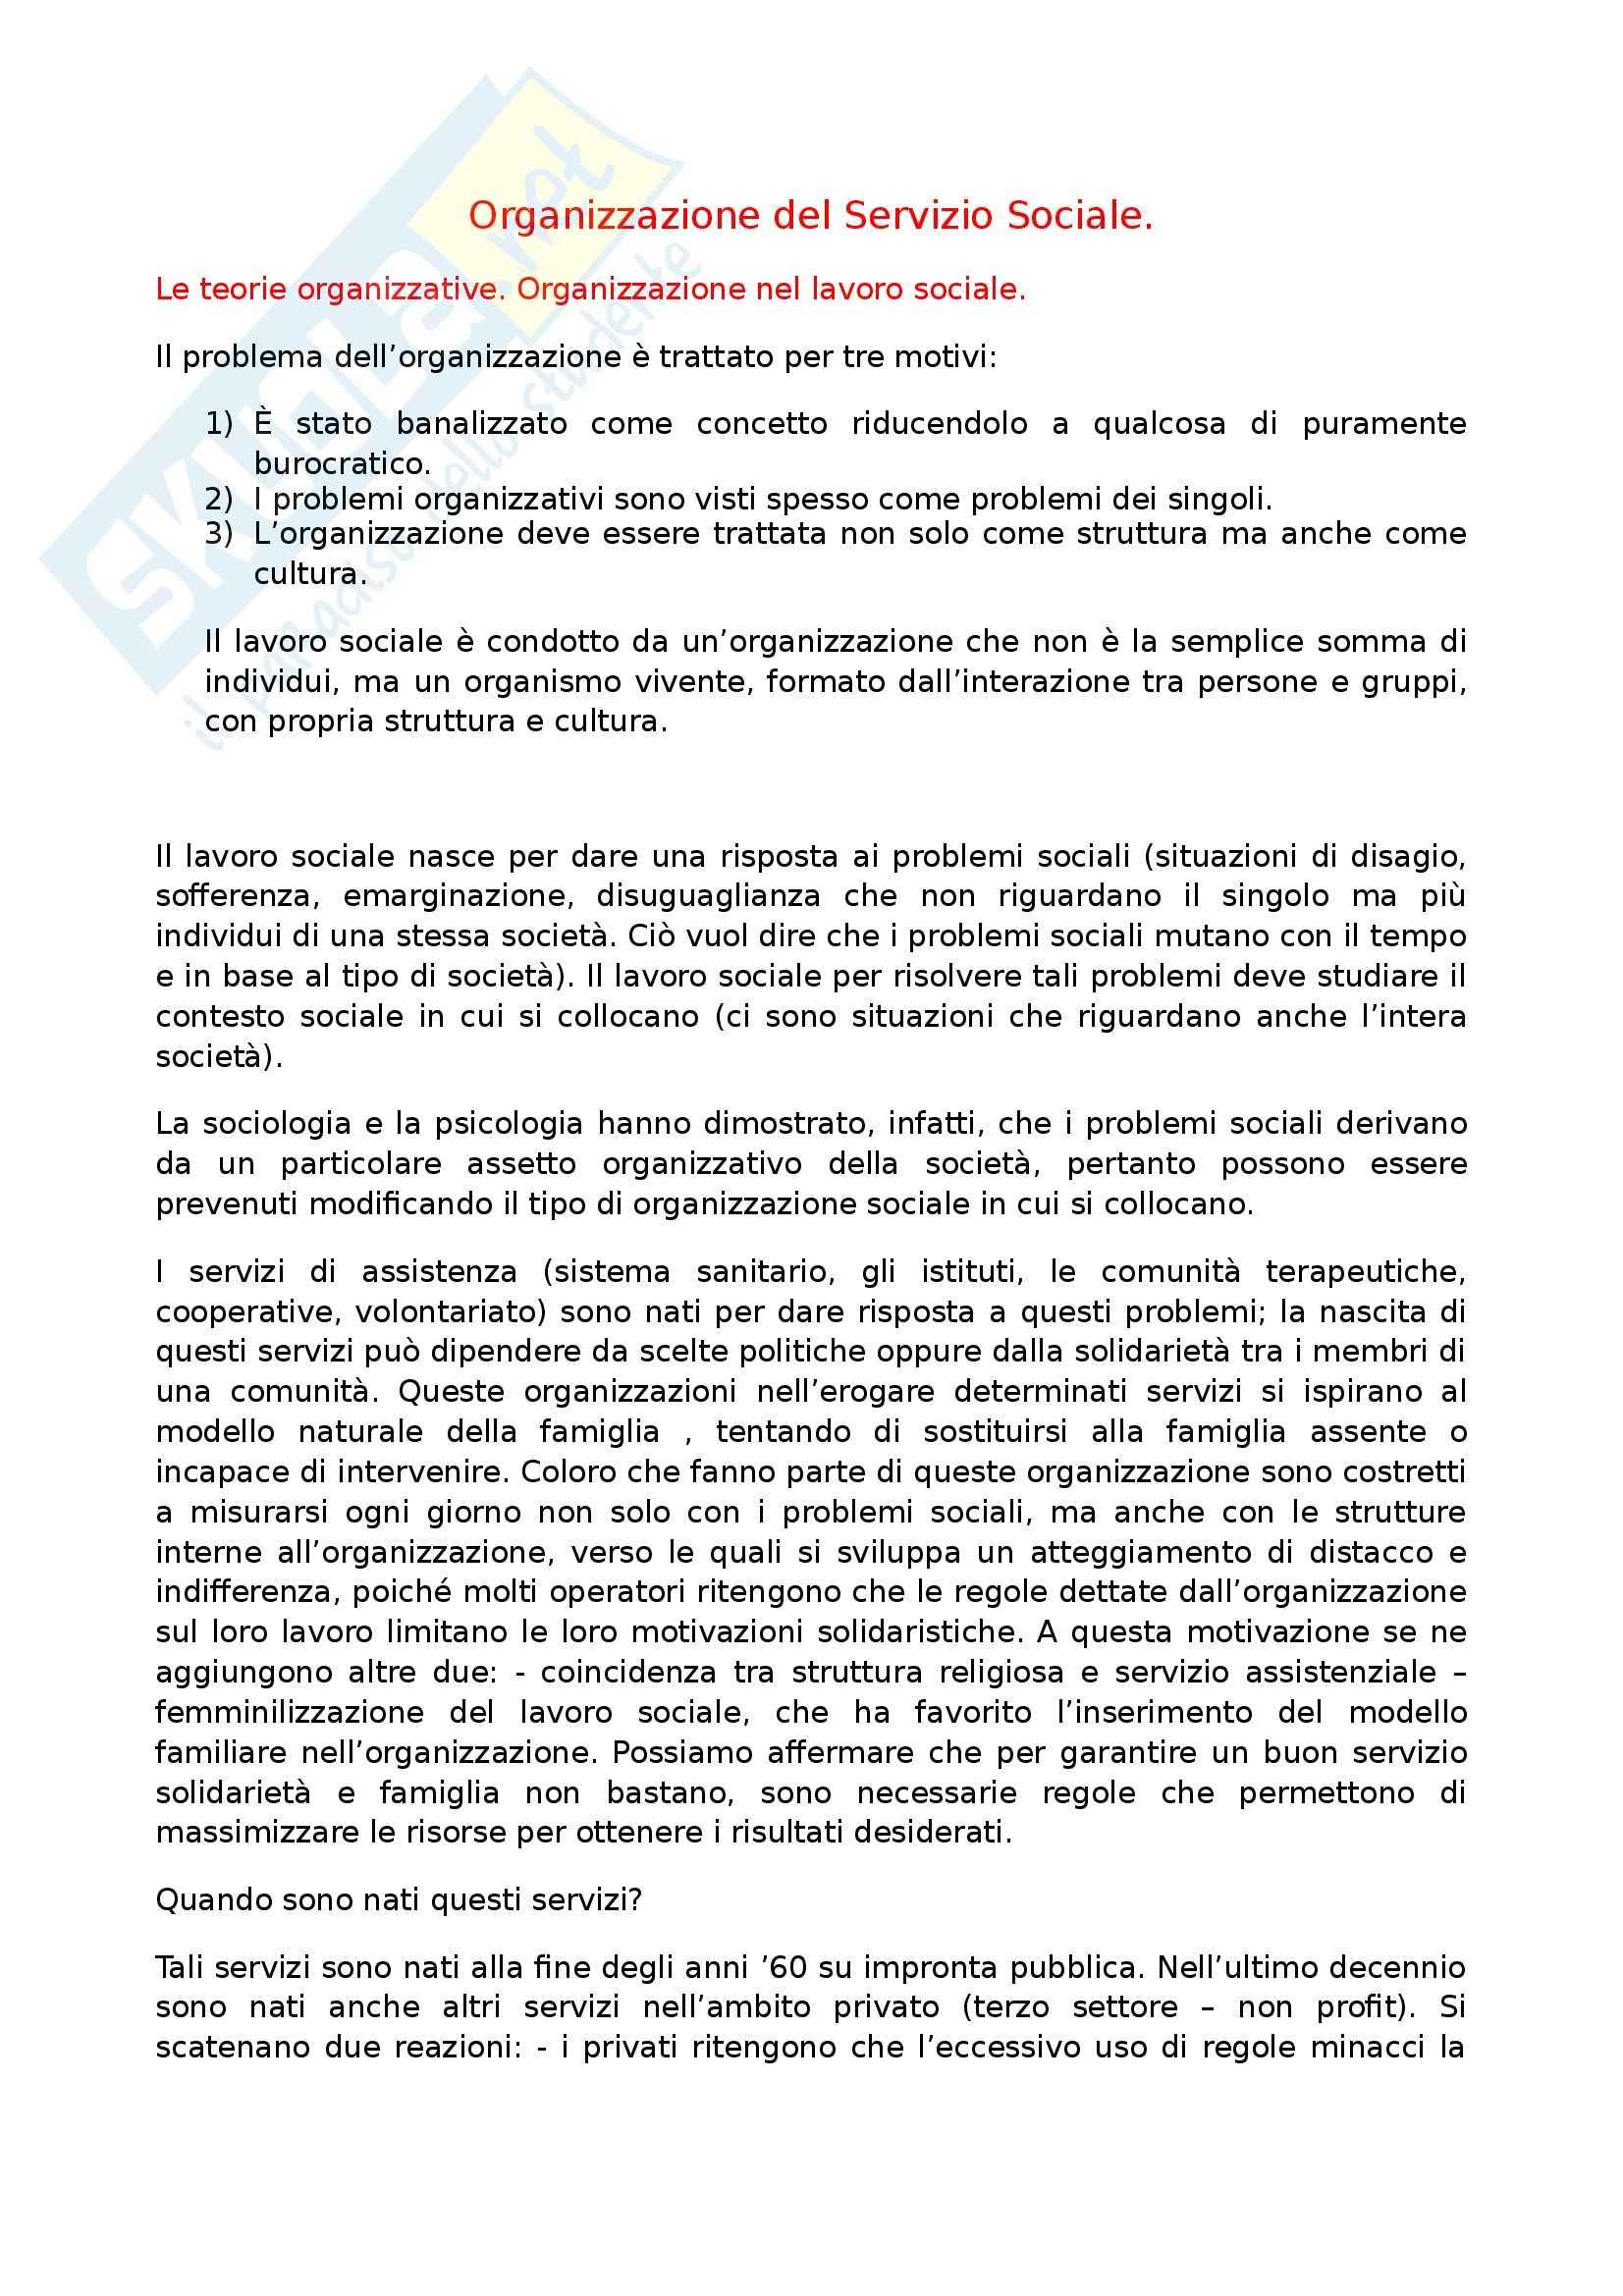 Organizzazione del Servizio Sociale - Riassunto esame, prof. Squillaci